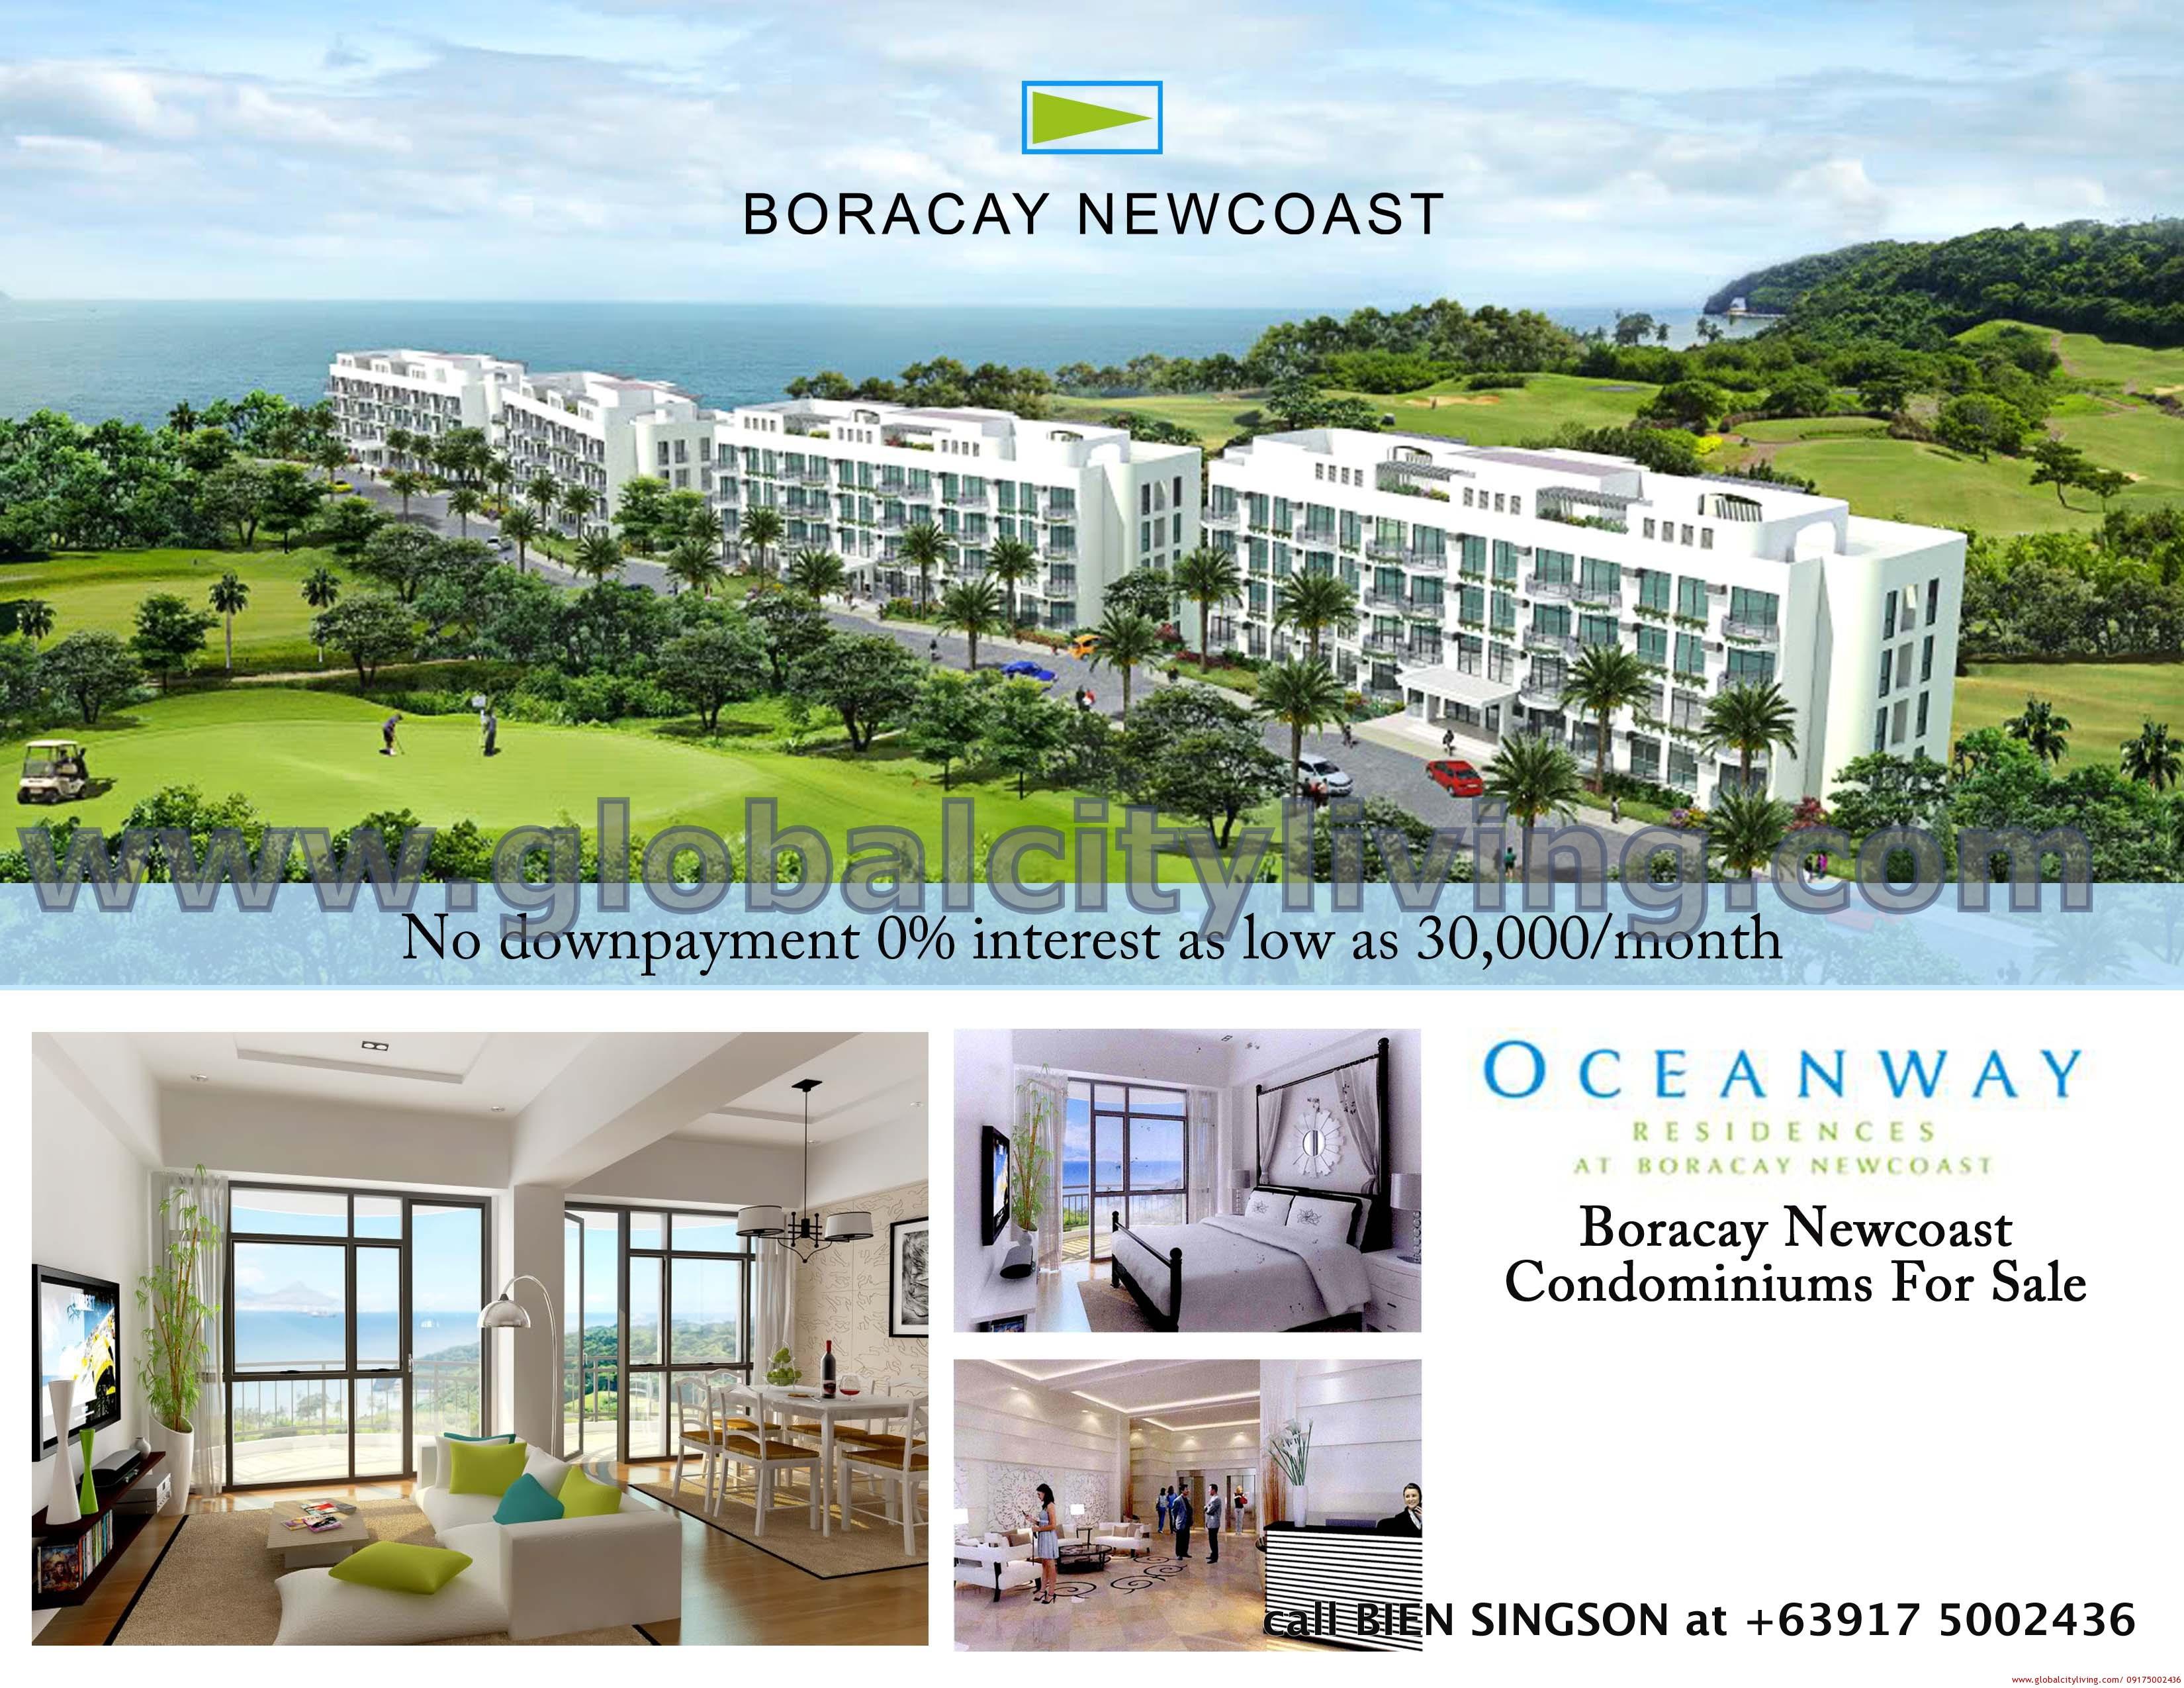 Boracay Newcoast Oceanway thumbnail